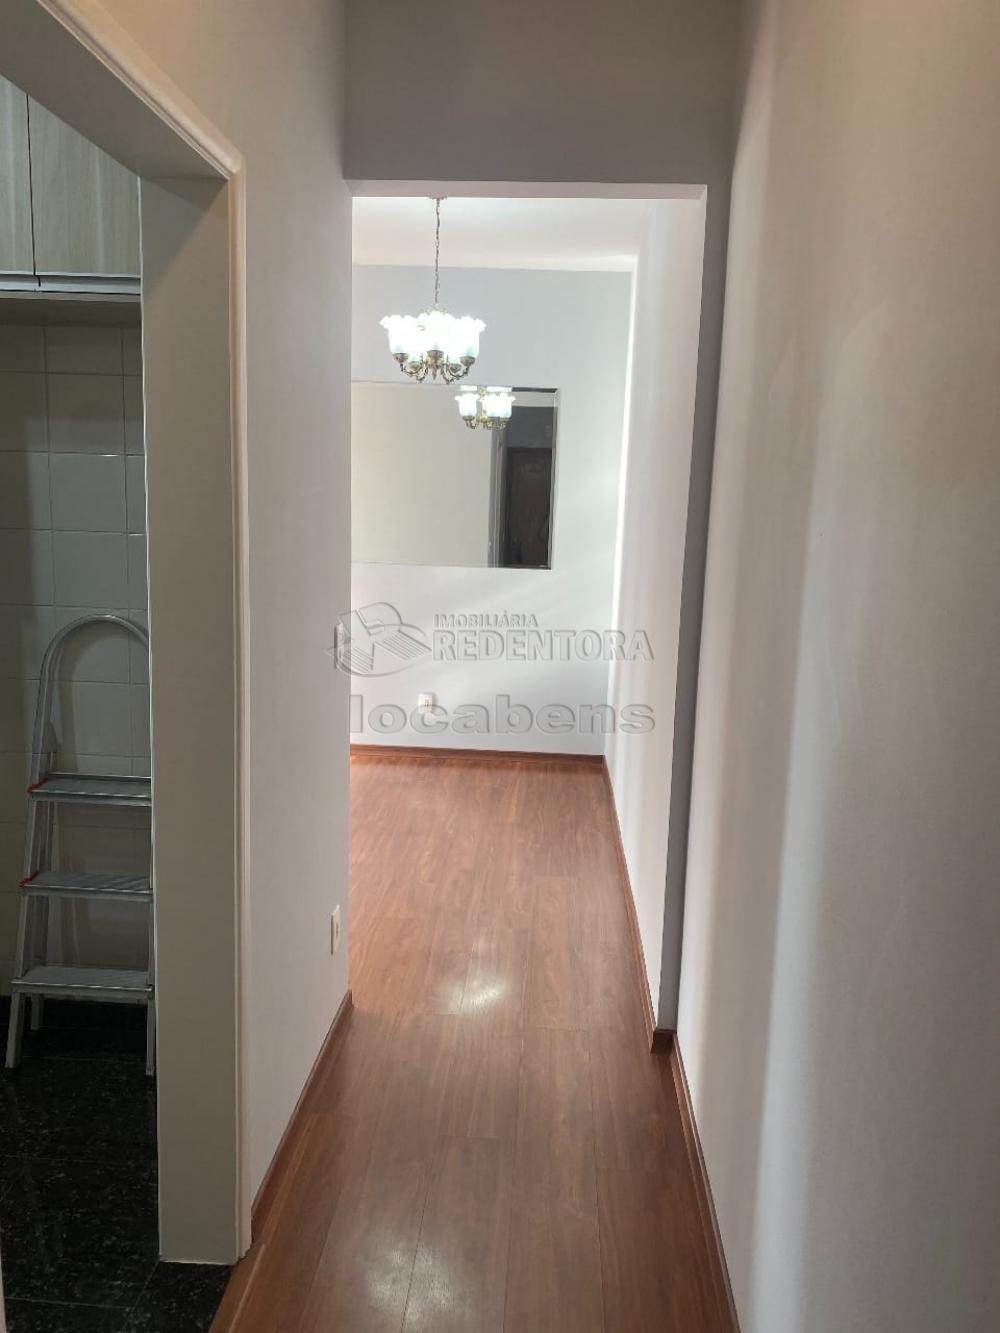 Comprar Apartamento / Padrão em São Paulo R$ 495.000,00 - Foto 4